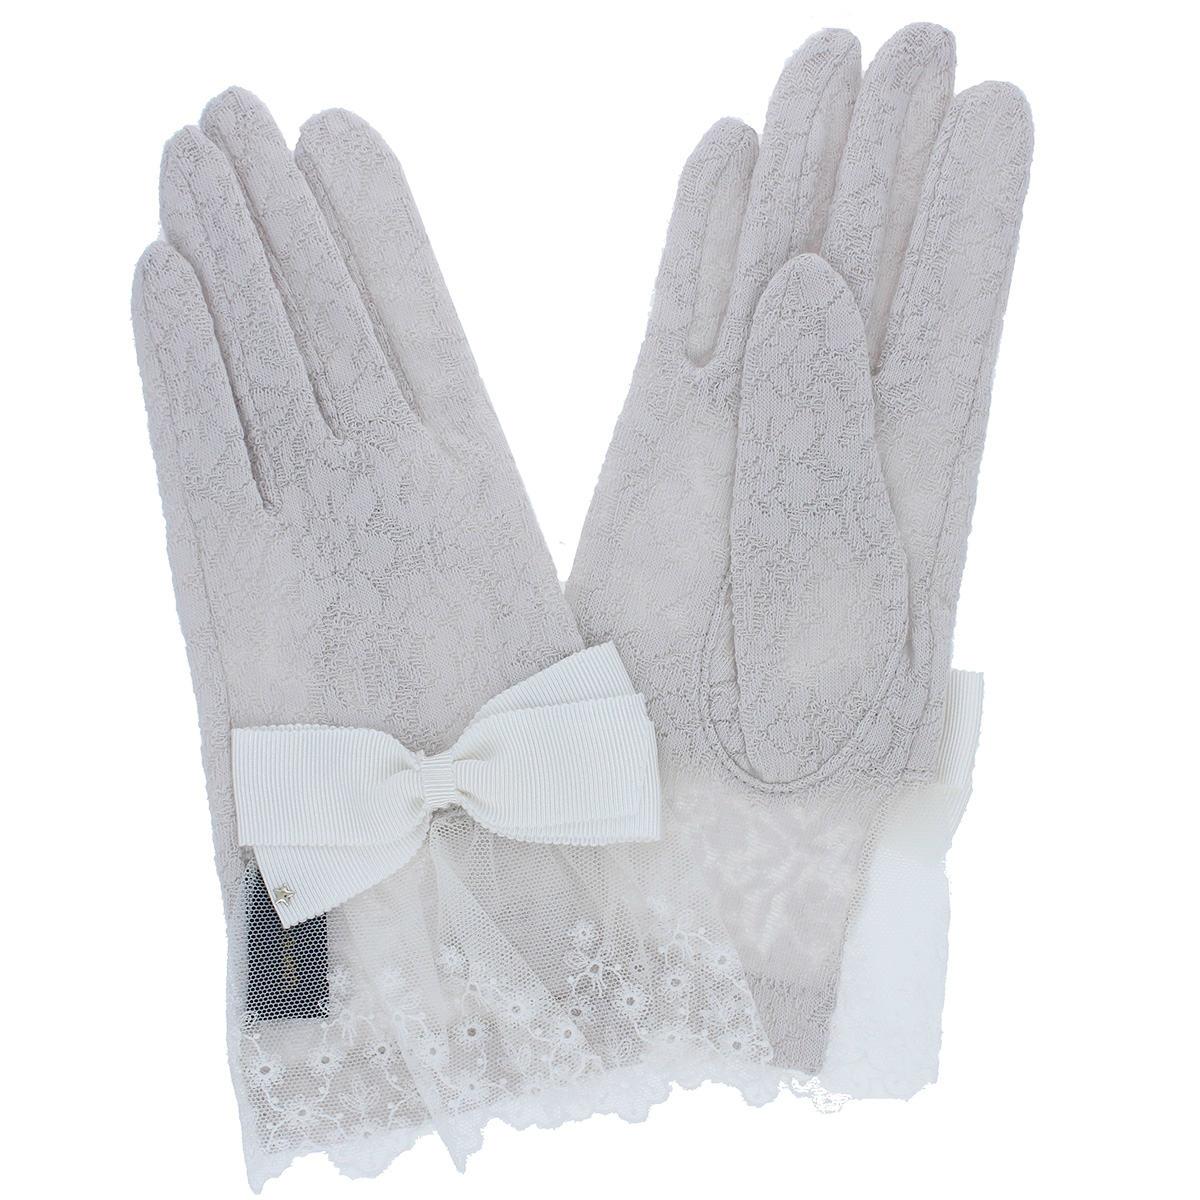 アルタクラッセ UV手袋 UVカット 紫外線対策 ショート丈 24cm パーティ 五本指 エレガント 花柄 上品 フェミニン リボン レース チュール かわいい プレゼント